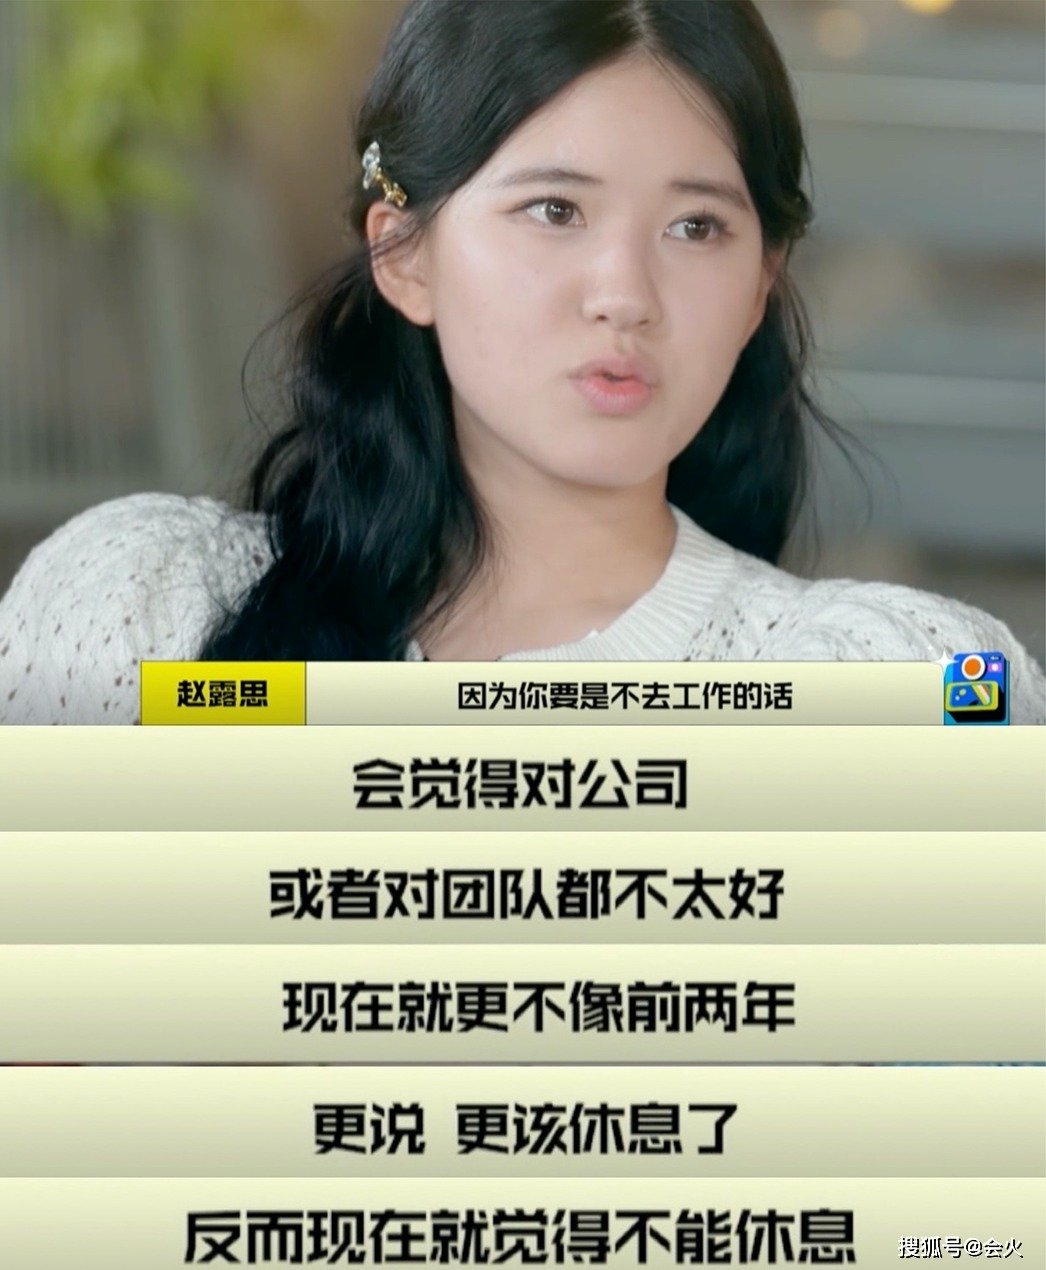 Triệu Lộ Tư gặp nạn phải vào viện giữa lúc quay phim, fan nghe xong buồn rớt nước mắt 7